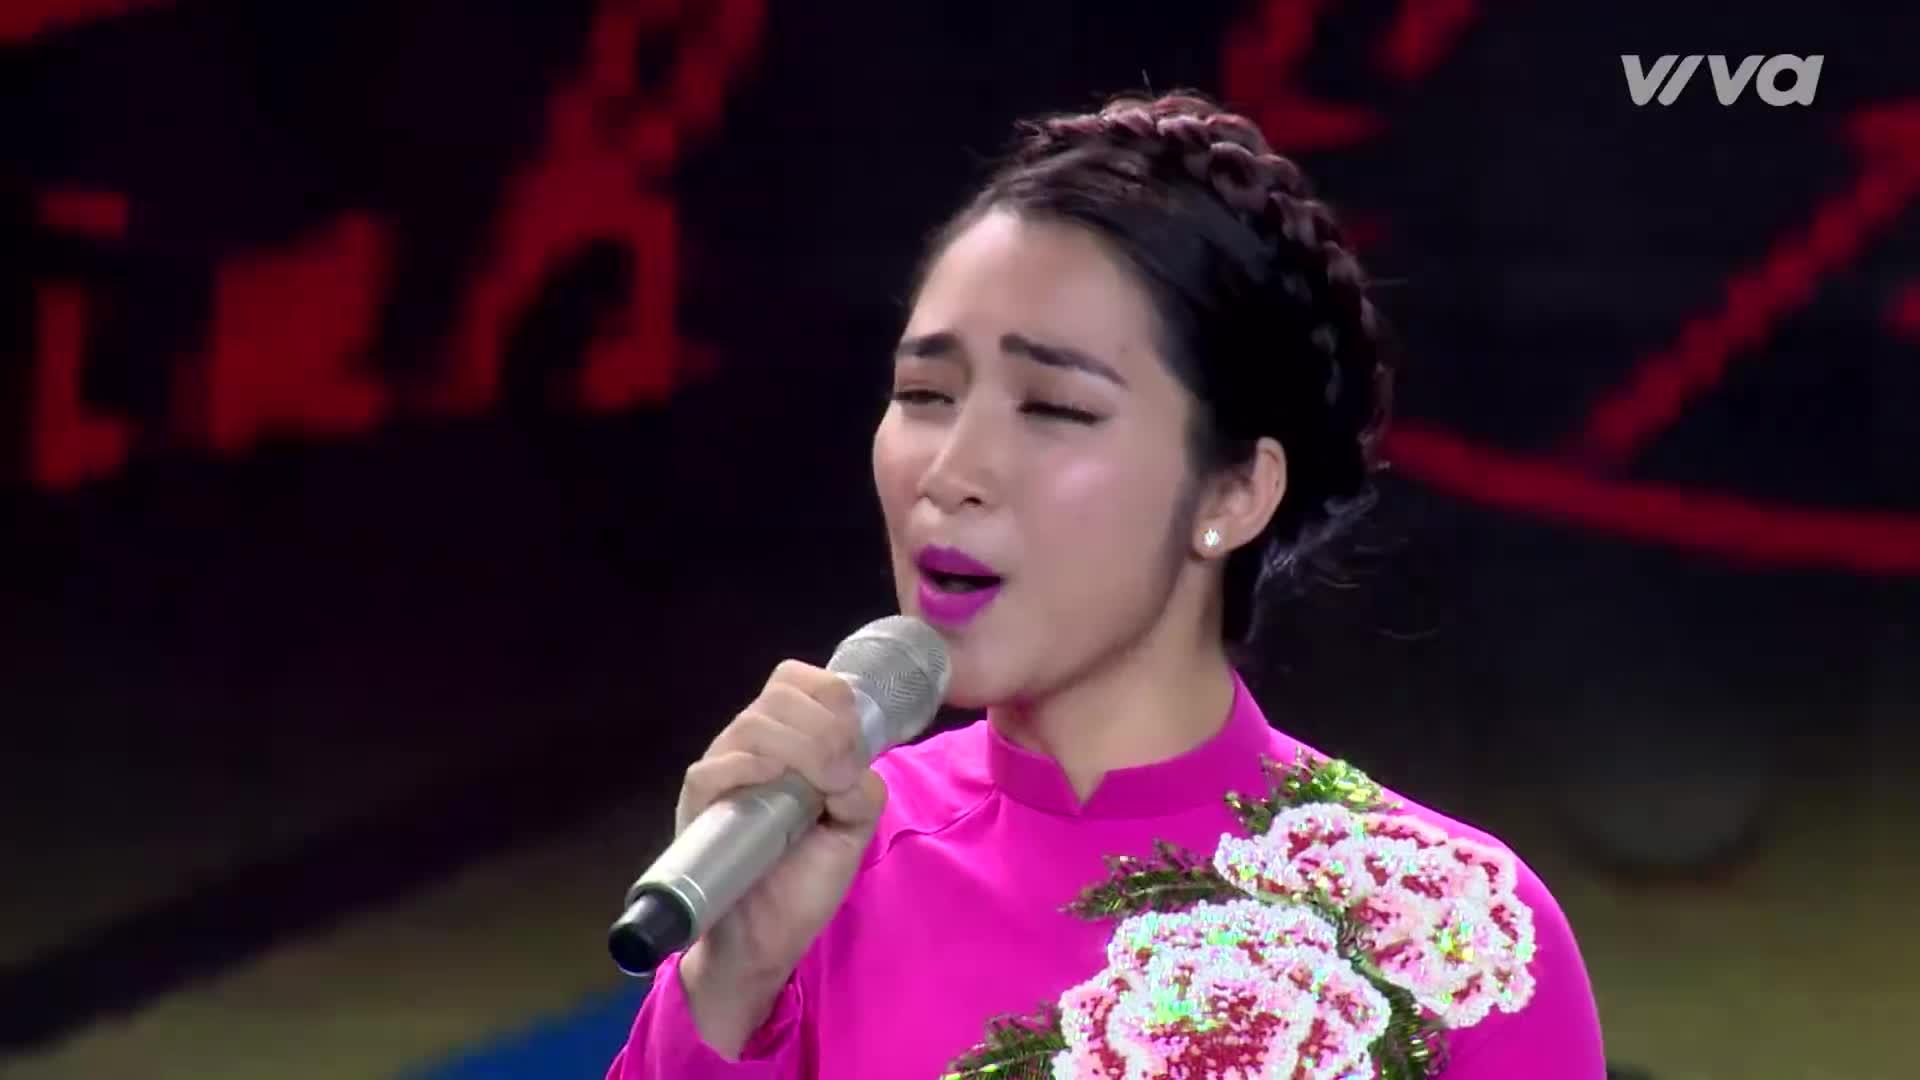 Tập 4 Cặp đôi hoàn hảo: Hòa Minzy hát chèo, Phi Nhung lên vọng cổ để giành thí sinh?